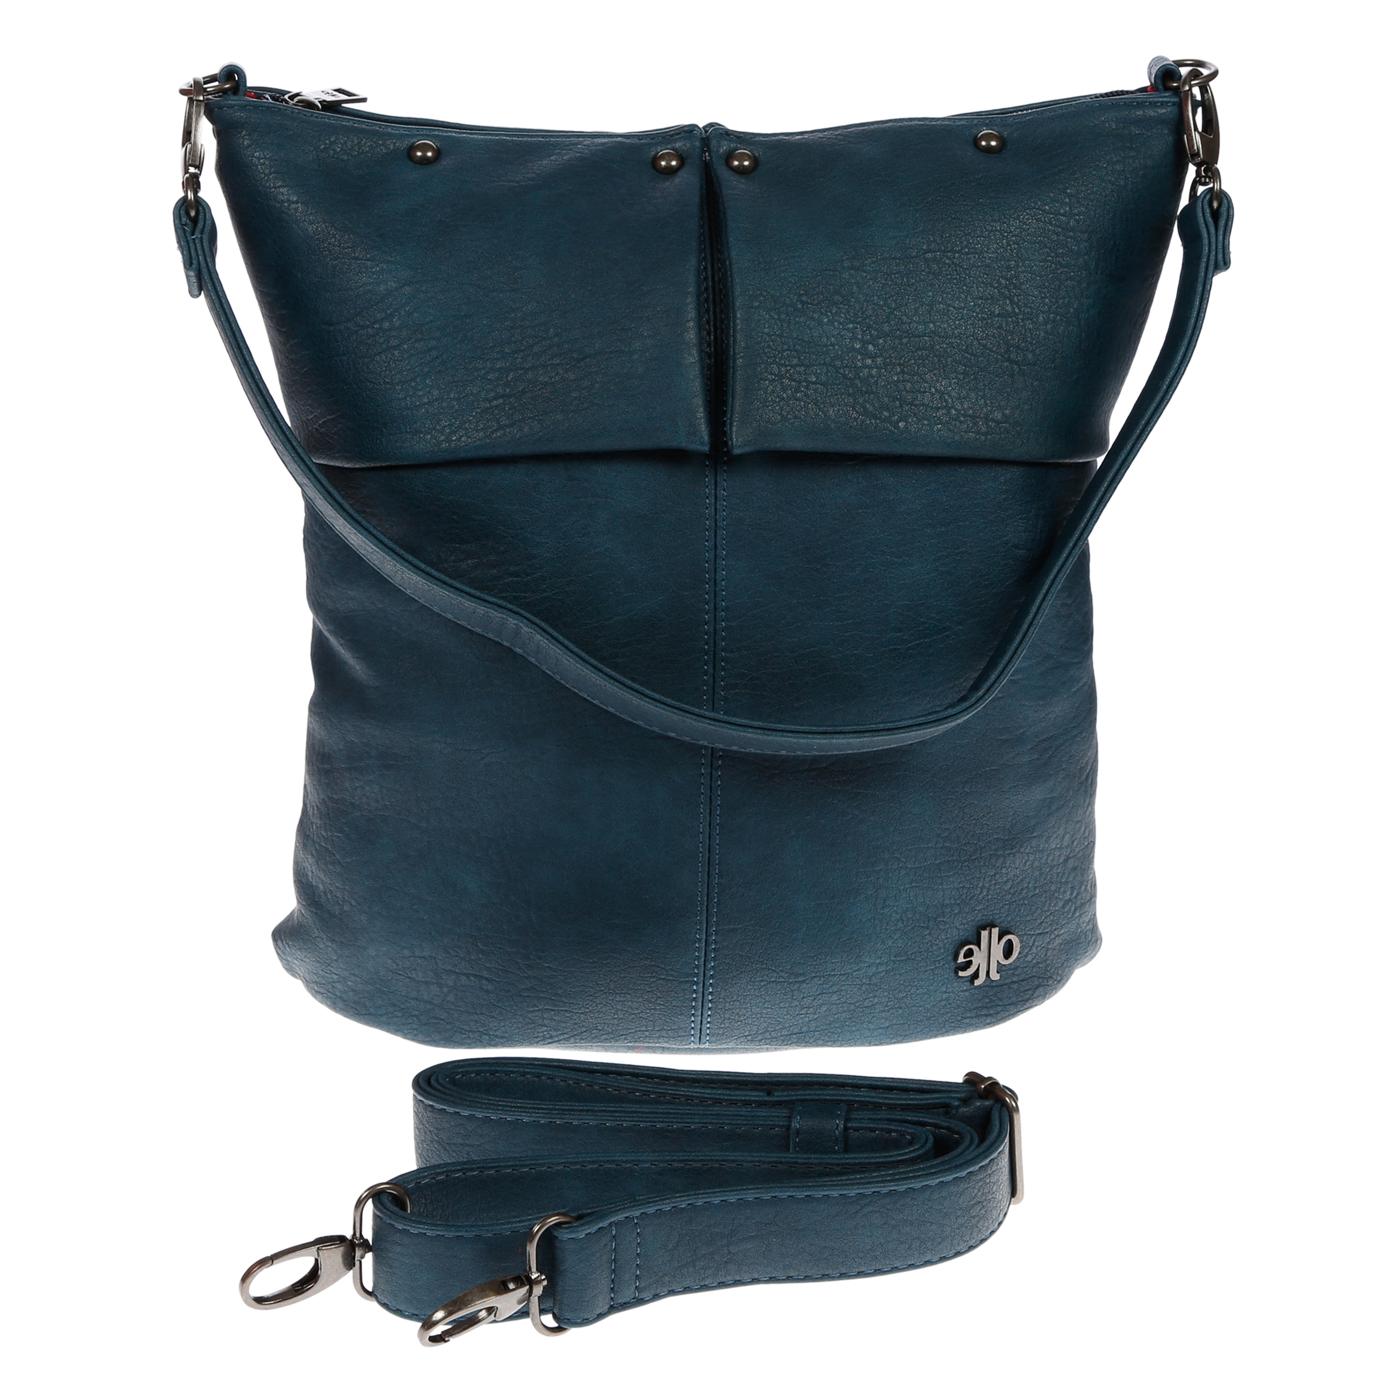 Damentasche-Umhaengetasche-Handtasche-Schultertasche-Leder-Optik-Tasche-Schwarz Indexbild 18